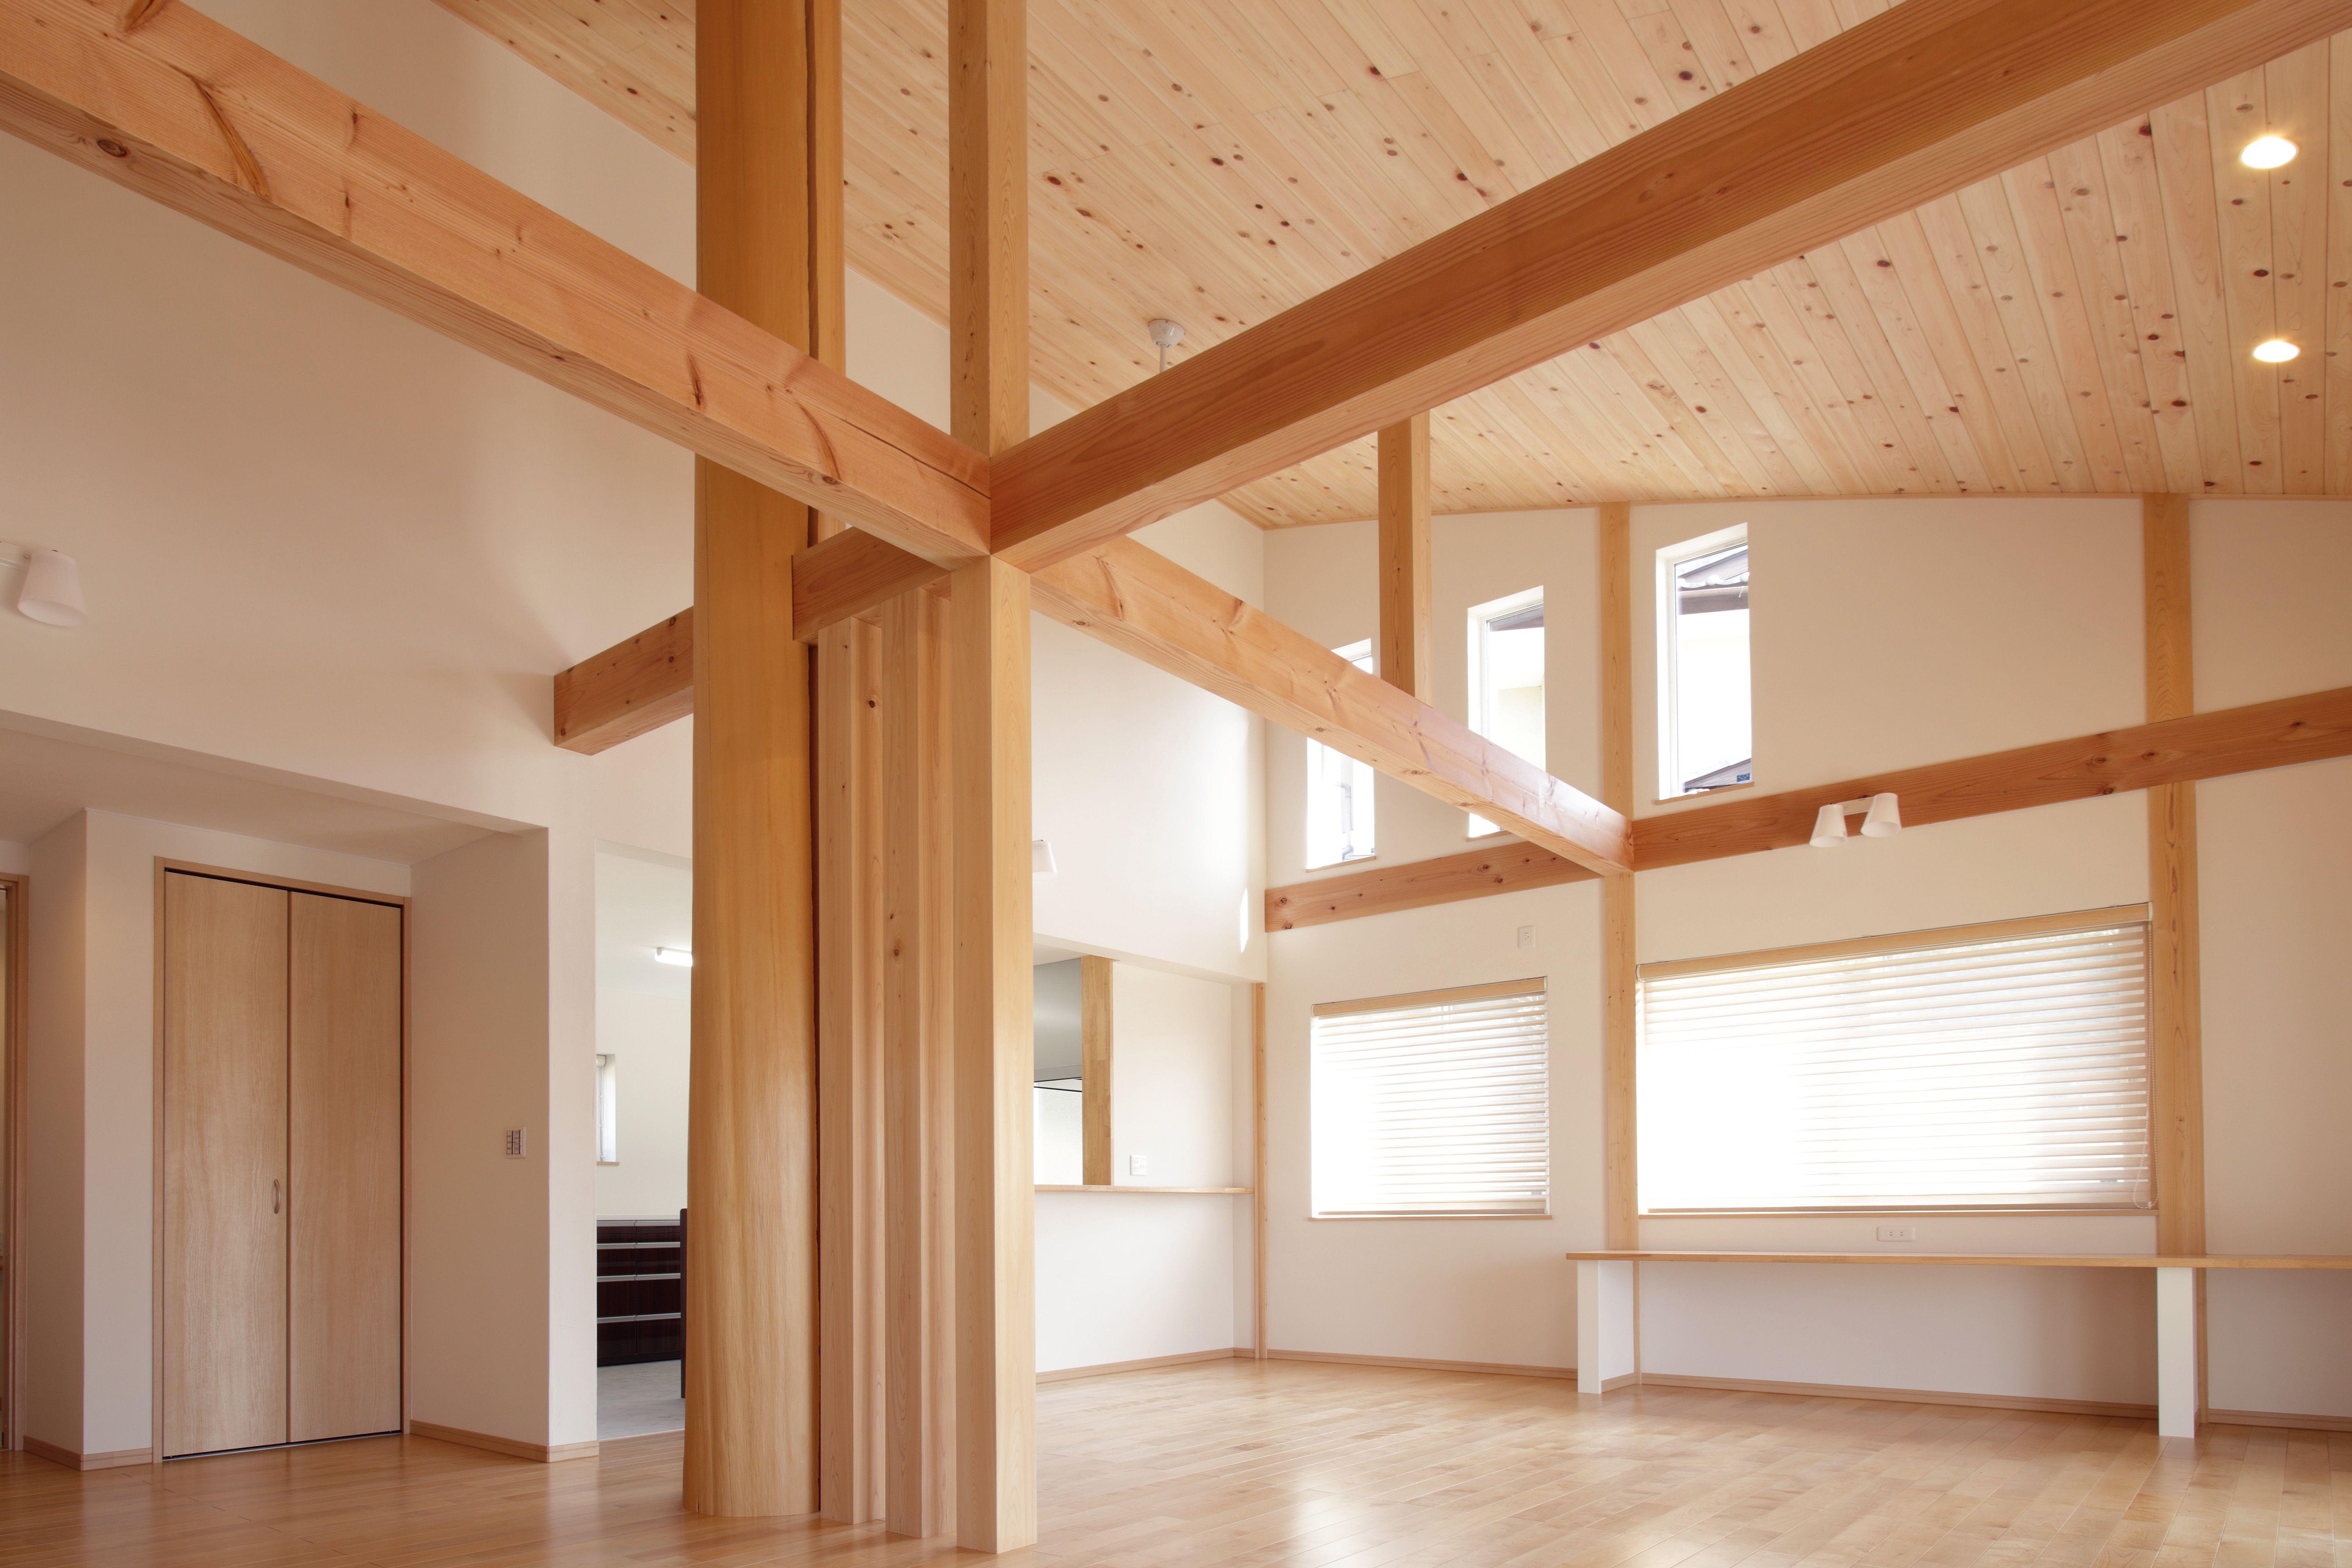 天井は木曾ひのきの羽目板 大黒柱 梁が圧倒的な存在感を主張している